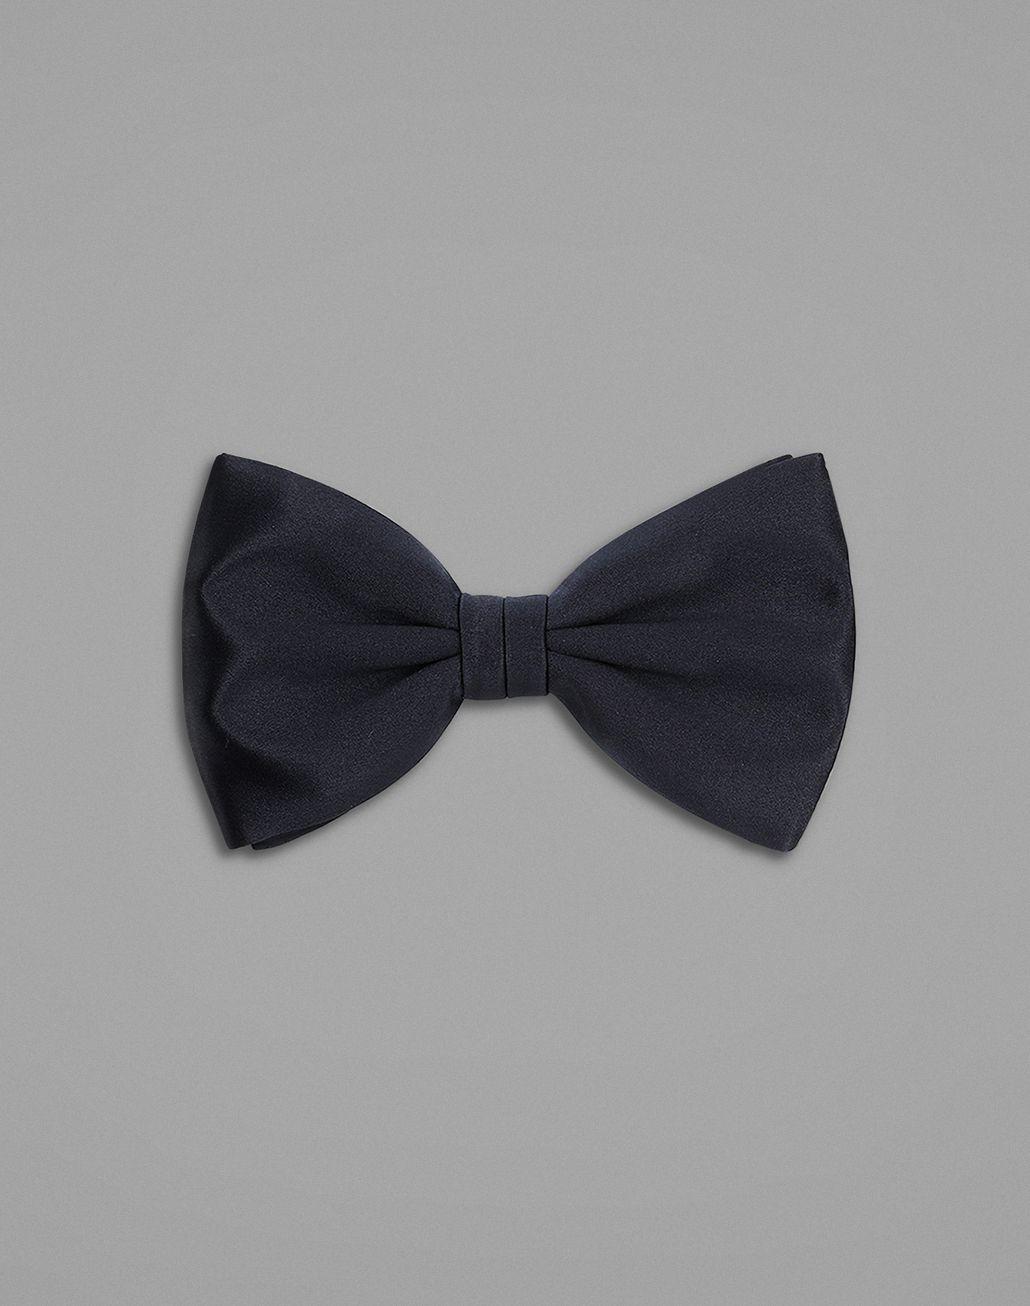 BRIONI 蓝色领结 领结及腰带 男士 f